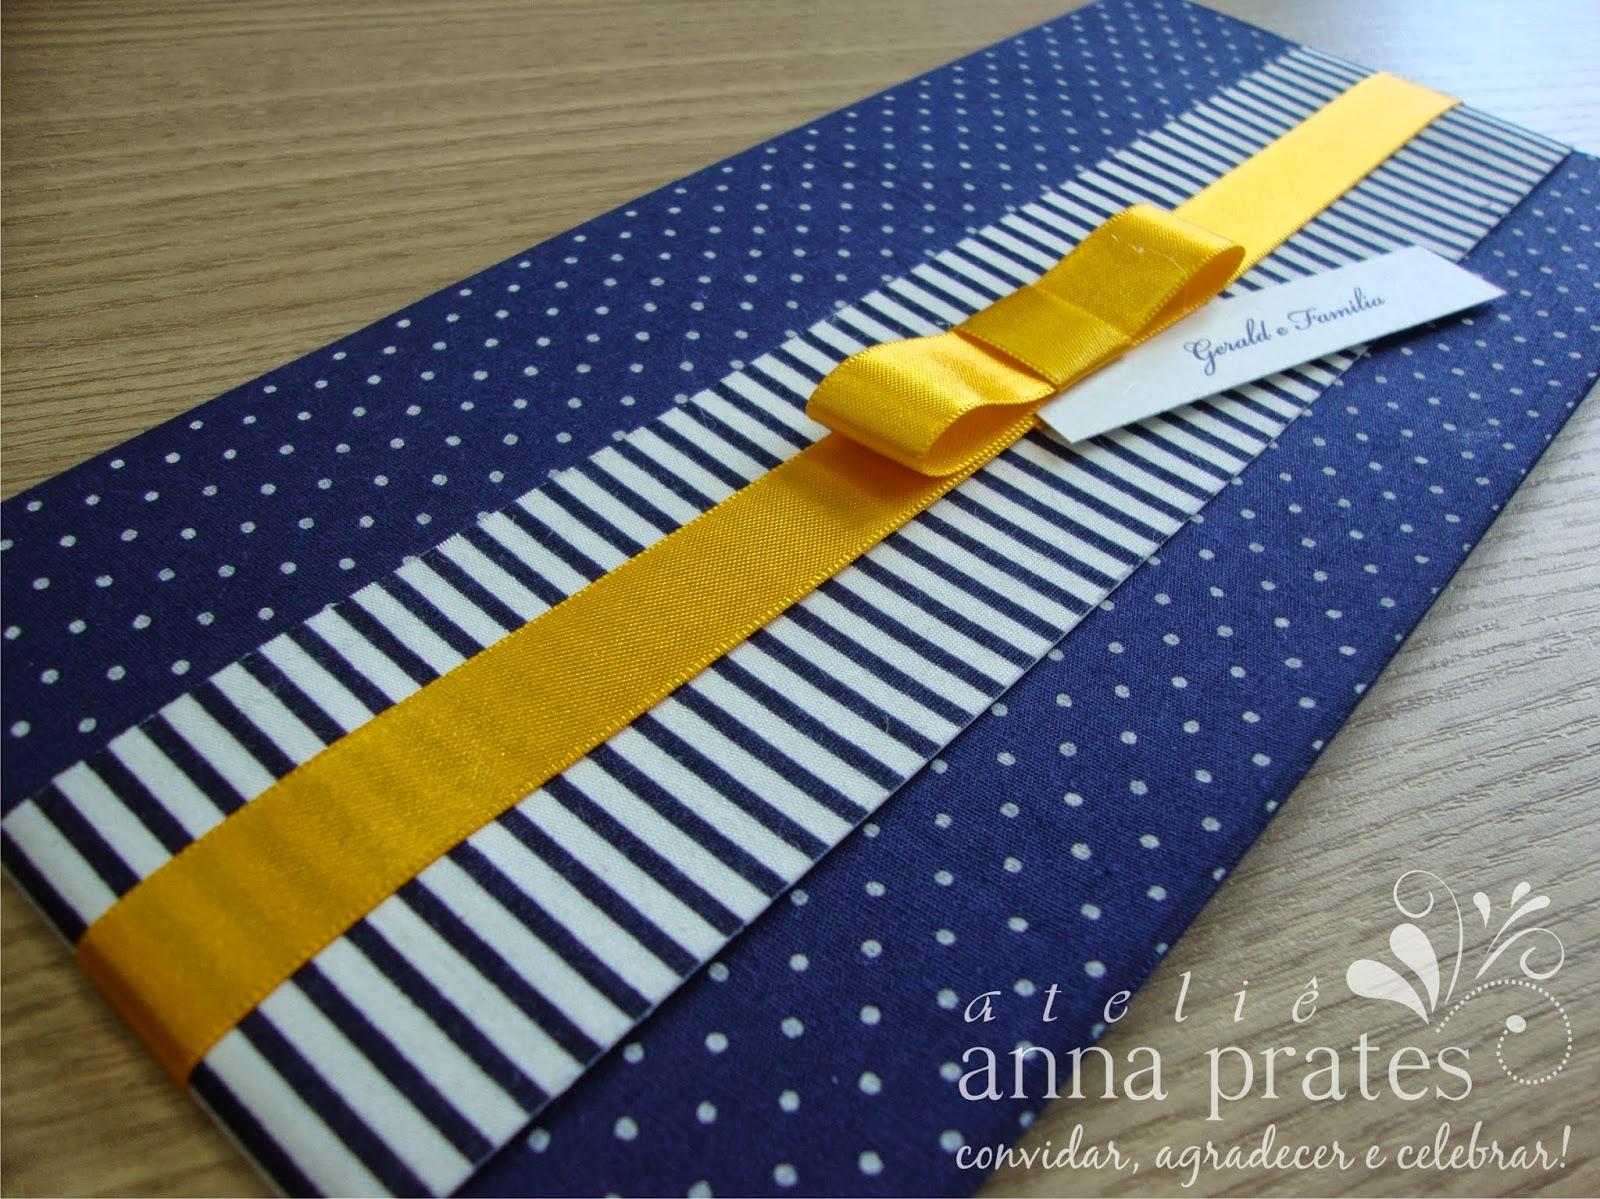 decoracao de casamento azul marinho e amarelo : decoracao de casamento azul marinho e amarelo: para os seus convites de casamento ficaram um charme em azul e amarelo